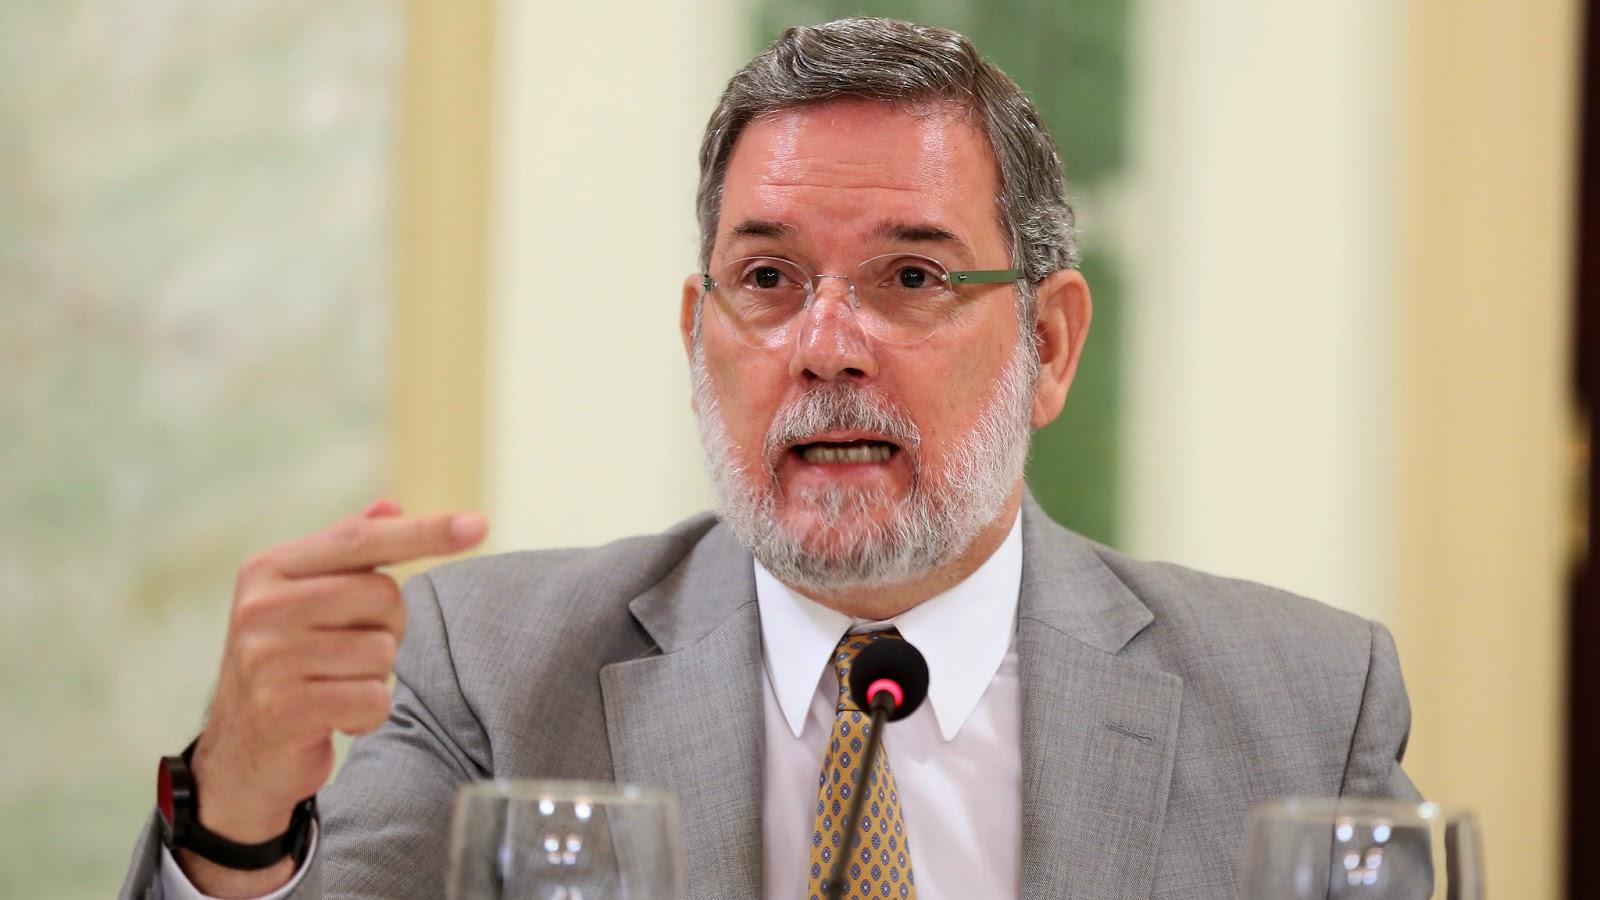 """Rodríguez Marchena: """"El 911 energiza relación gobierno-sociedad a partir de emergencias"""""""